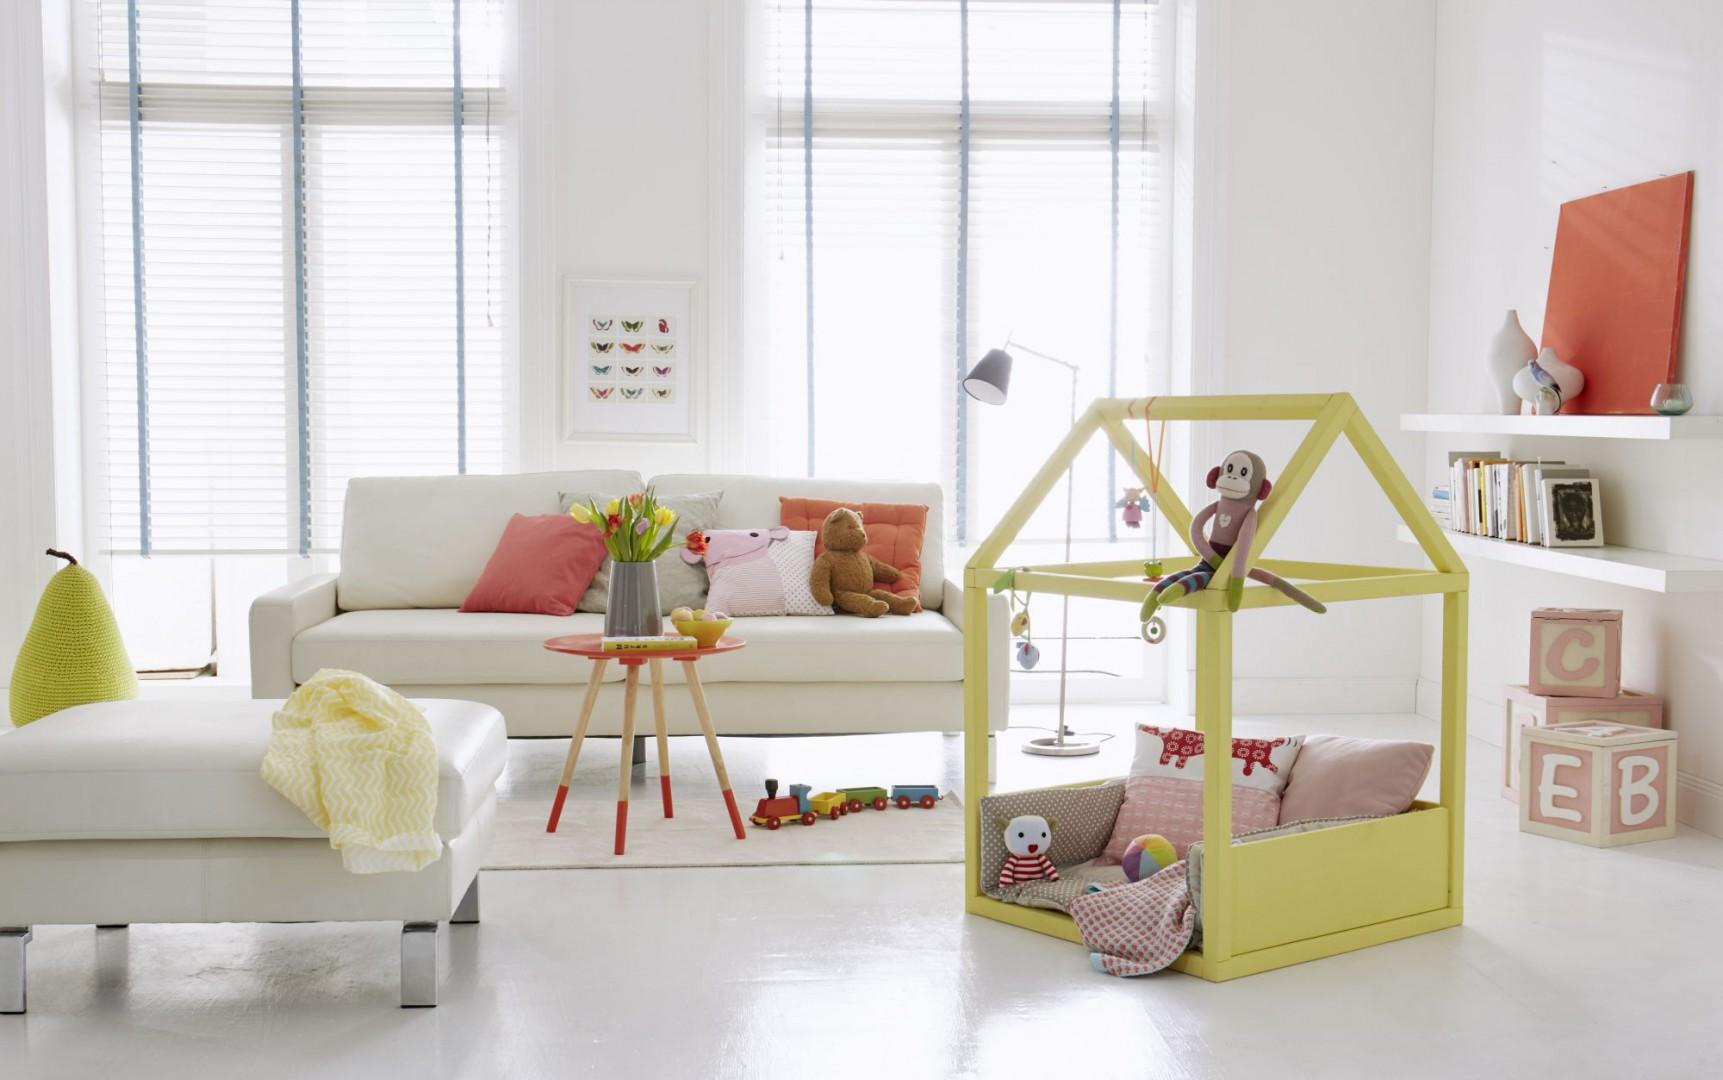 Dzięki kolorowym zabawkom, skonstruowany własnoręcznie domek stanie się ulubionym miejscem zabaw malucha. Fot. Bosch